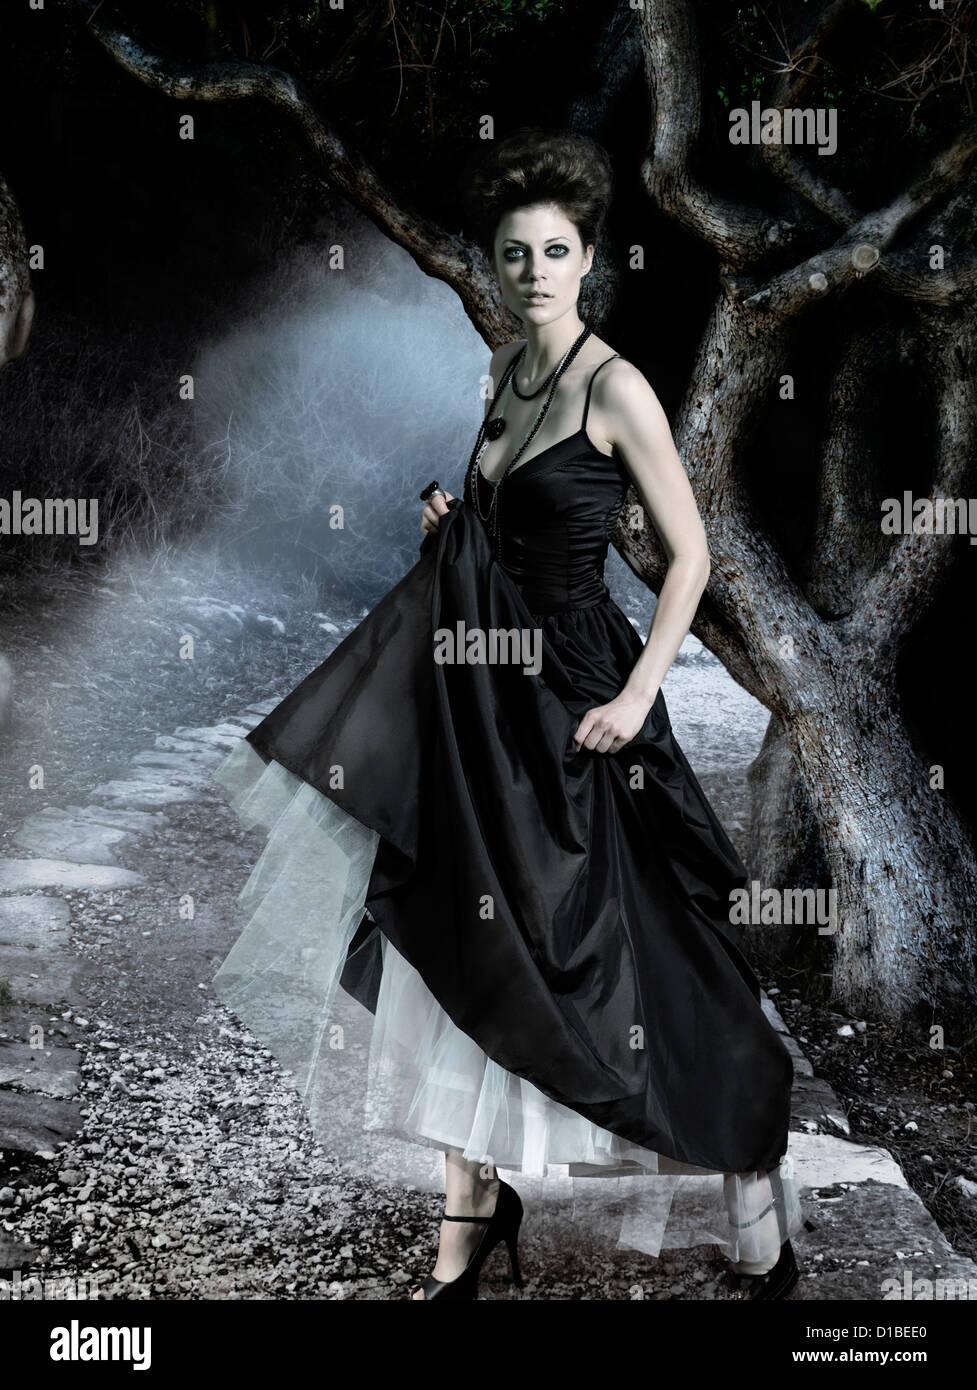 Giovane e bella donna che indossa lungo classico abito nero in una oscura foresta misteriosa. In modo digitale immagine Immagini Stock